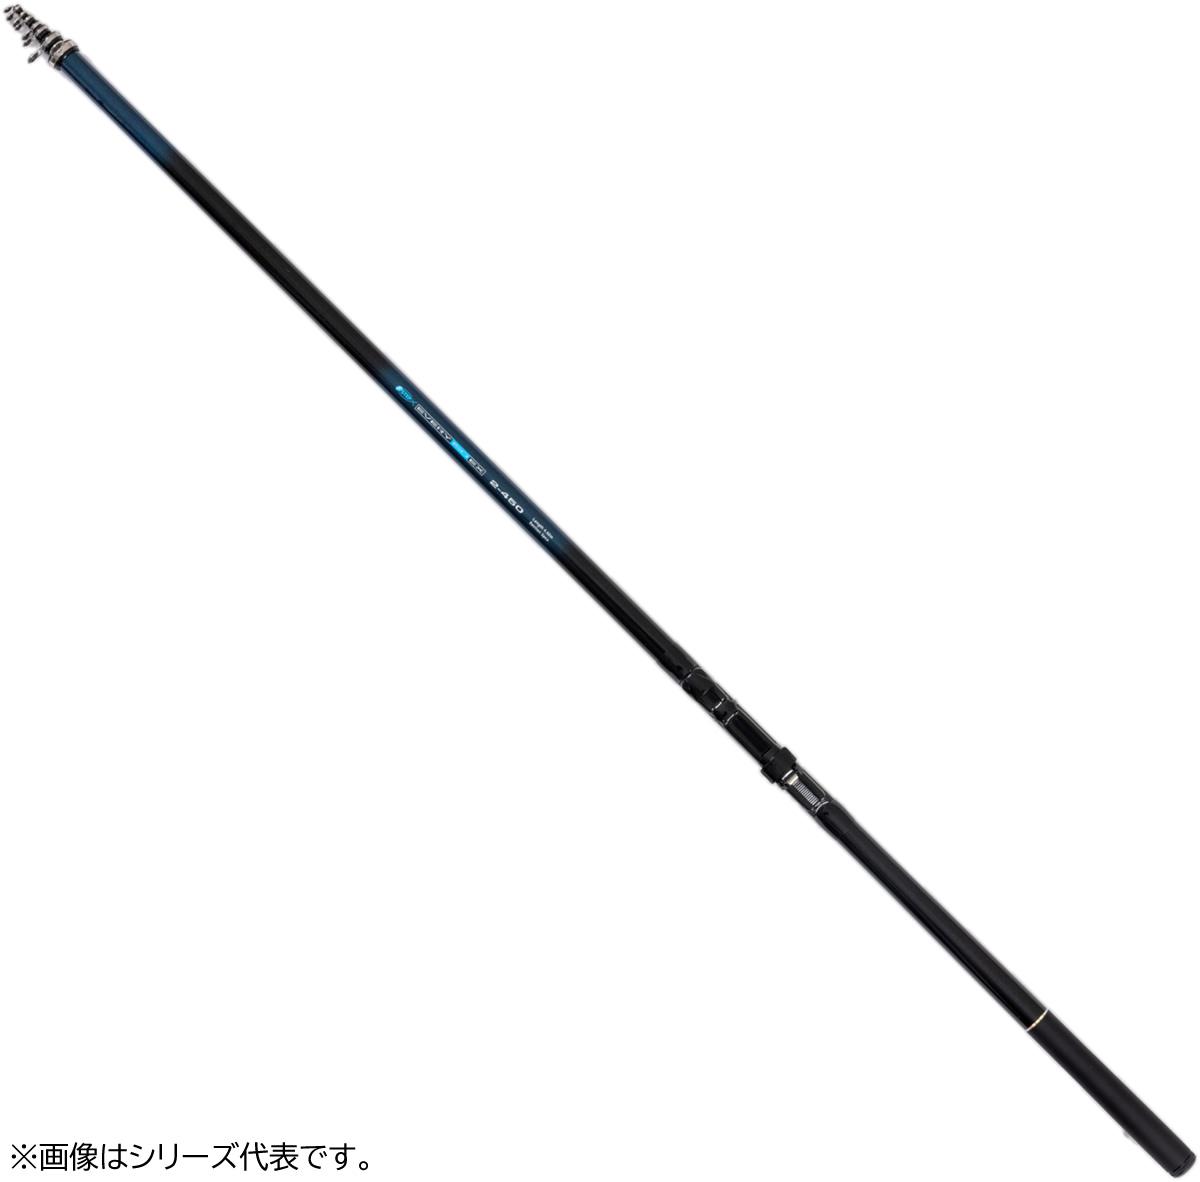 お買得品 エブリー磯EX 3-450 【釣り竿】 【釣り具】